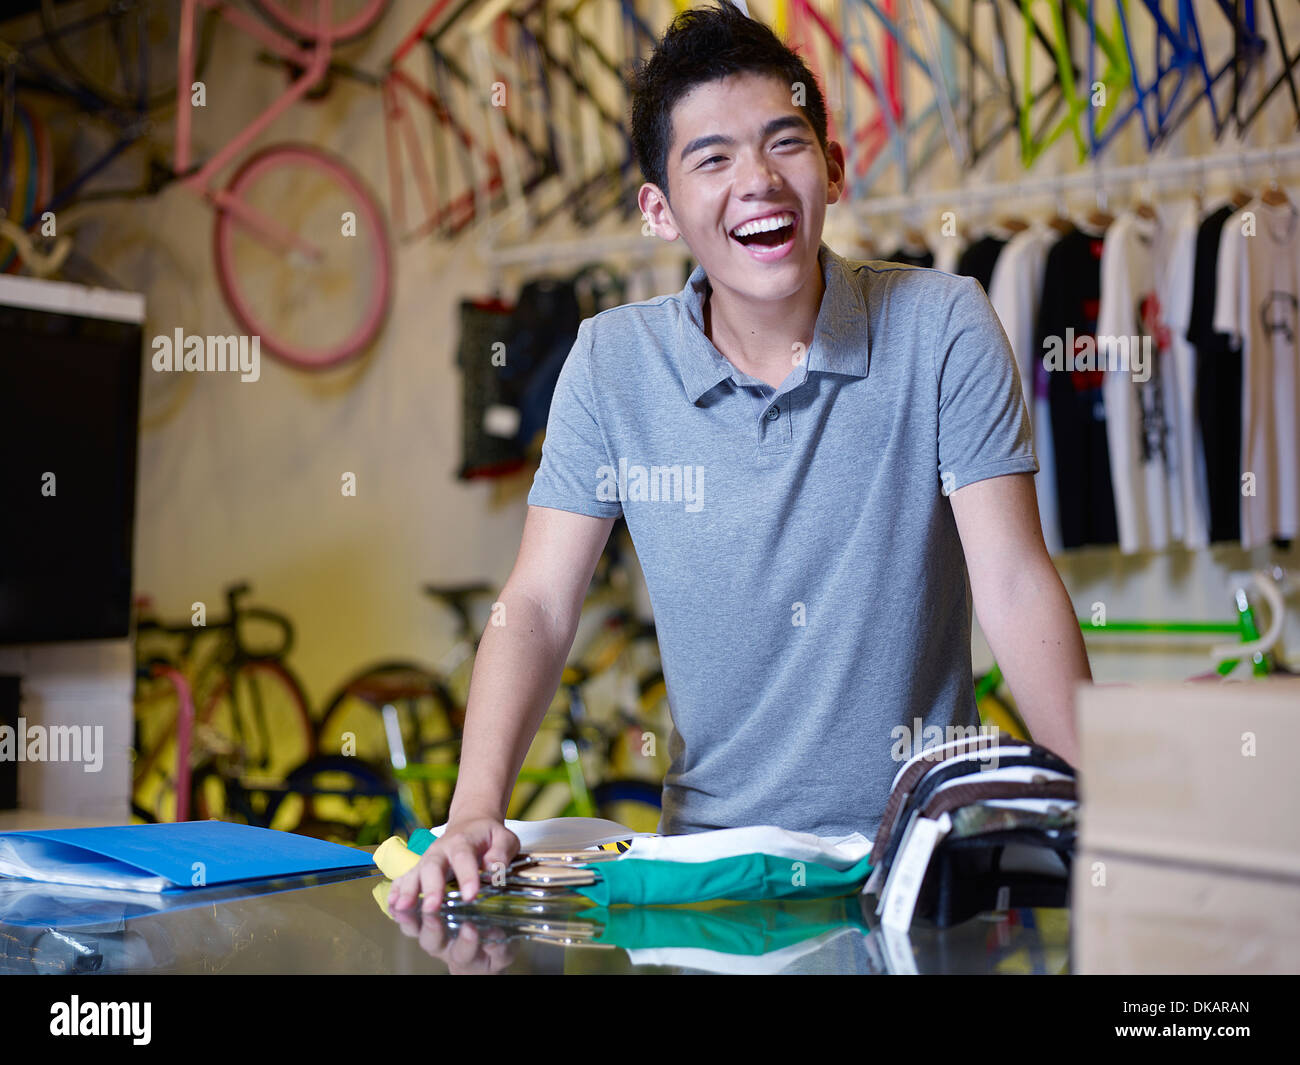 Retrato de joven riendo en bike shop Imagen De Stock